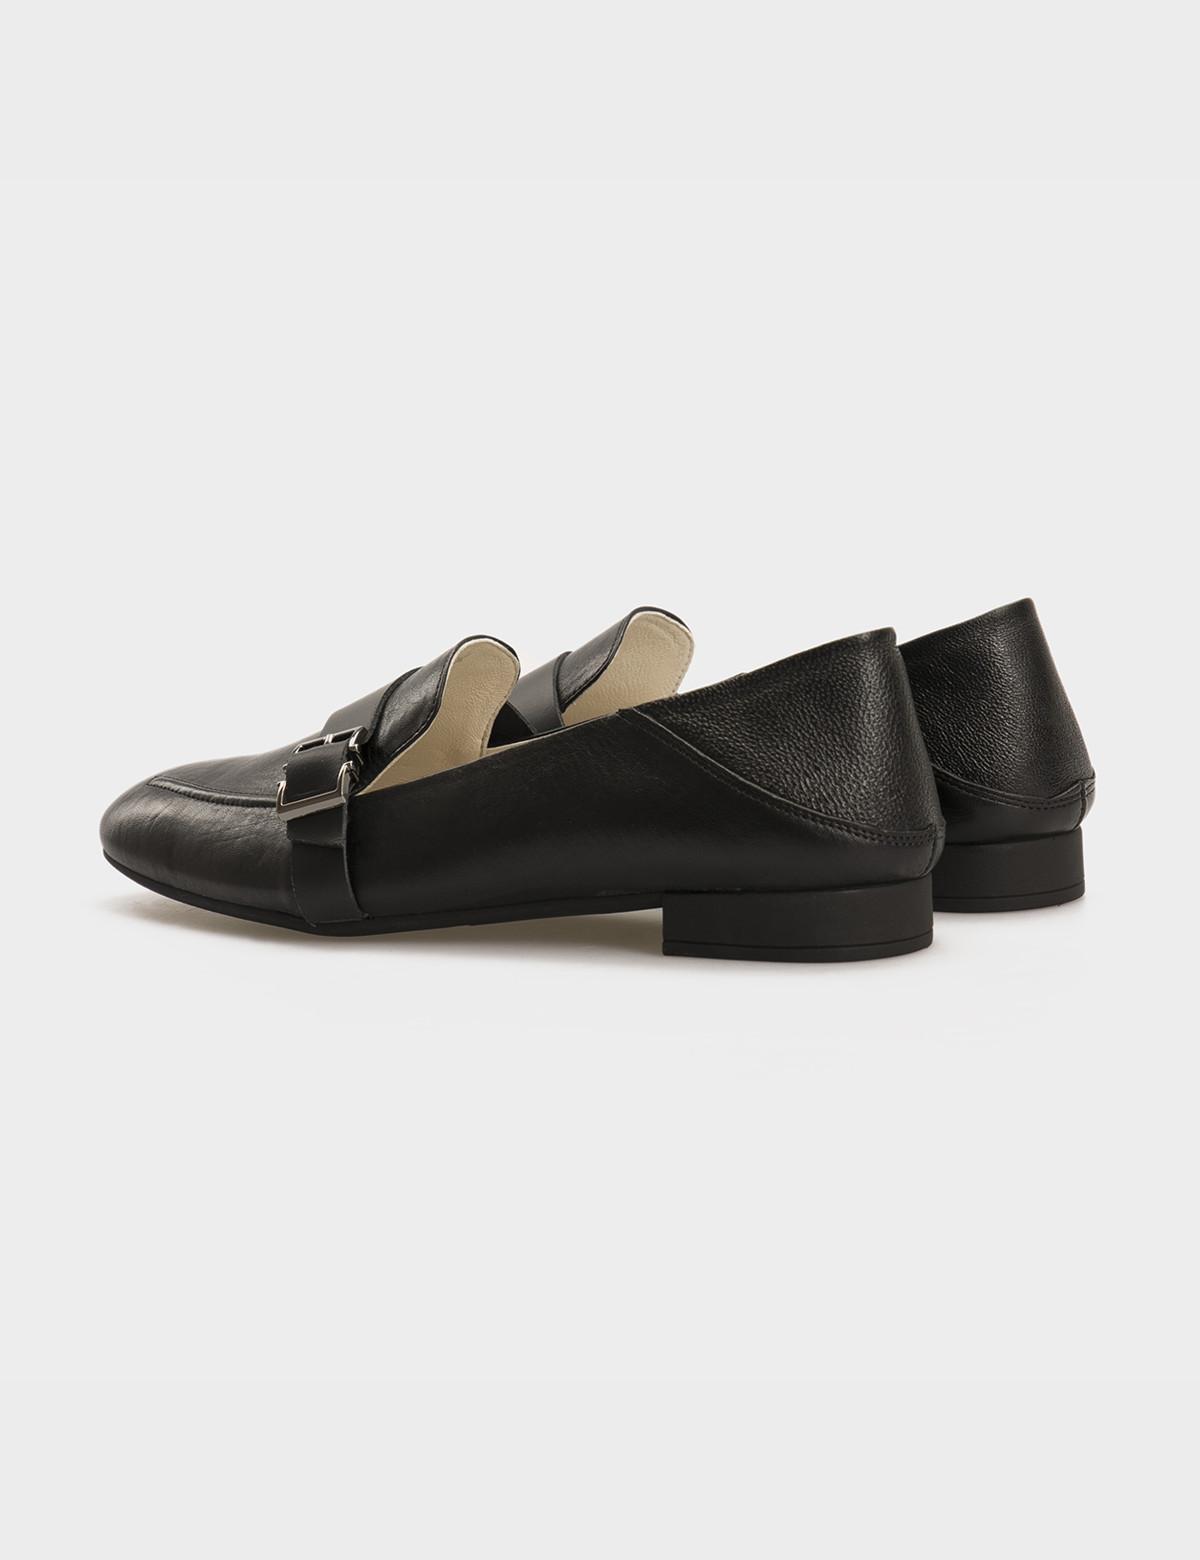 Туфли черные, натуральная кожа 2